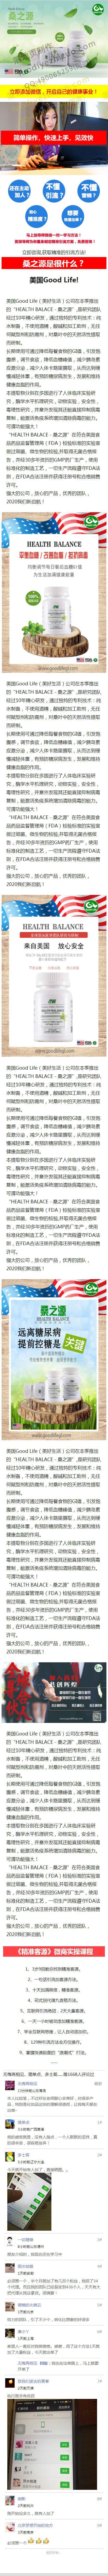 抗衰老保健品网站制作,保健产品推广单页制作